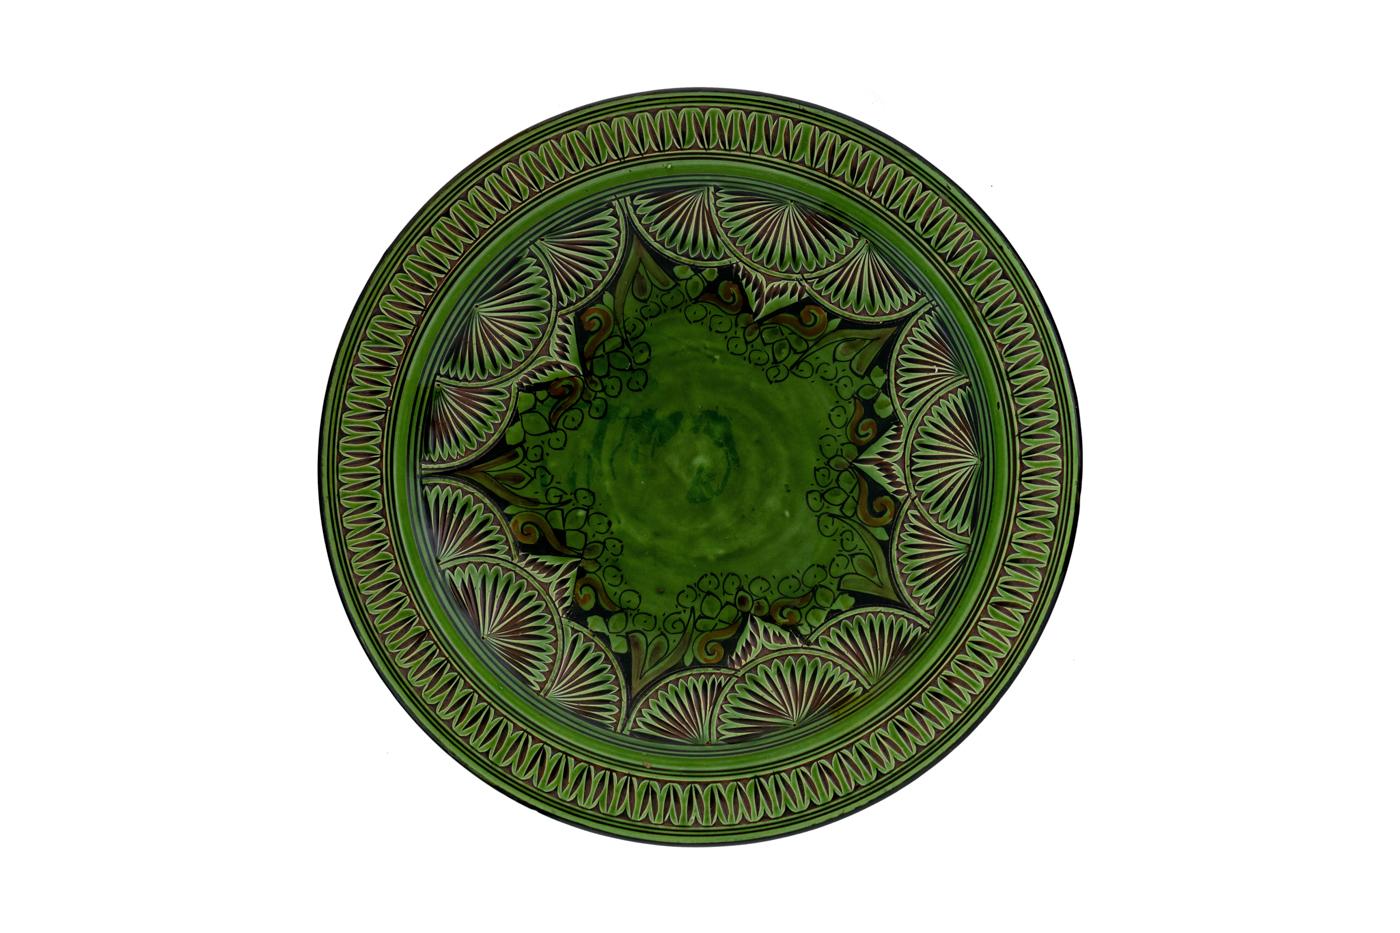 Plato Marroquí en cerámica tallado con diseños de arabescos florales- verde